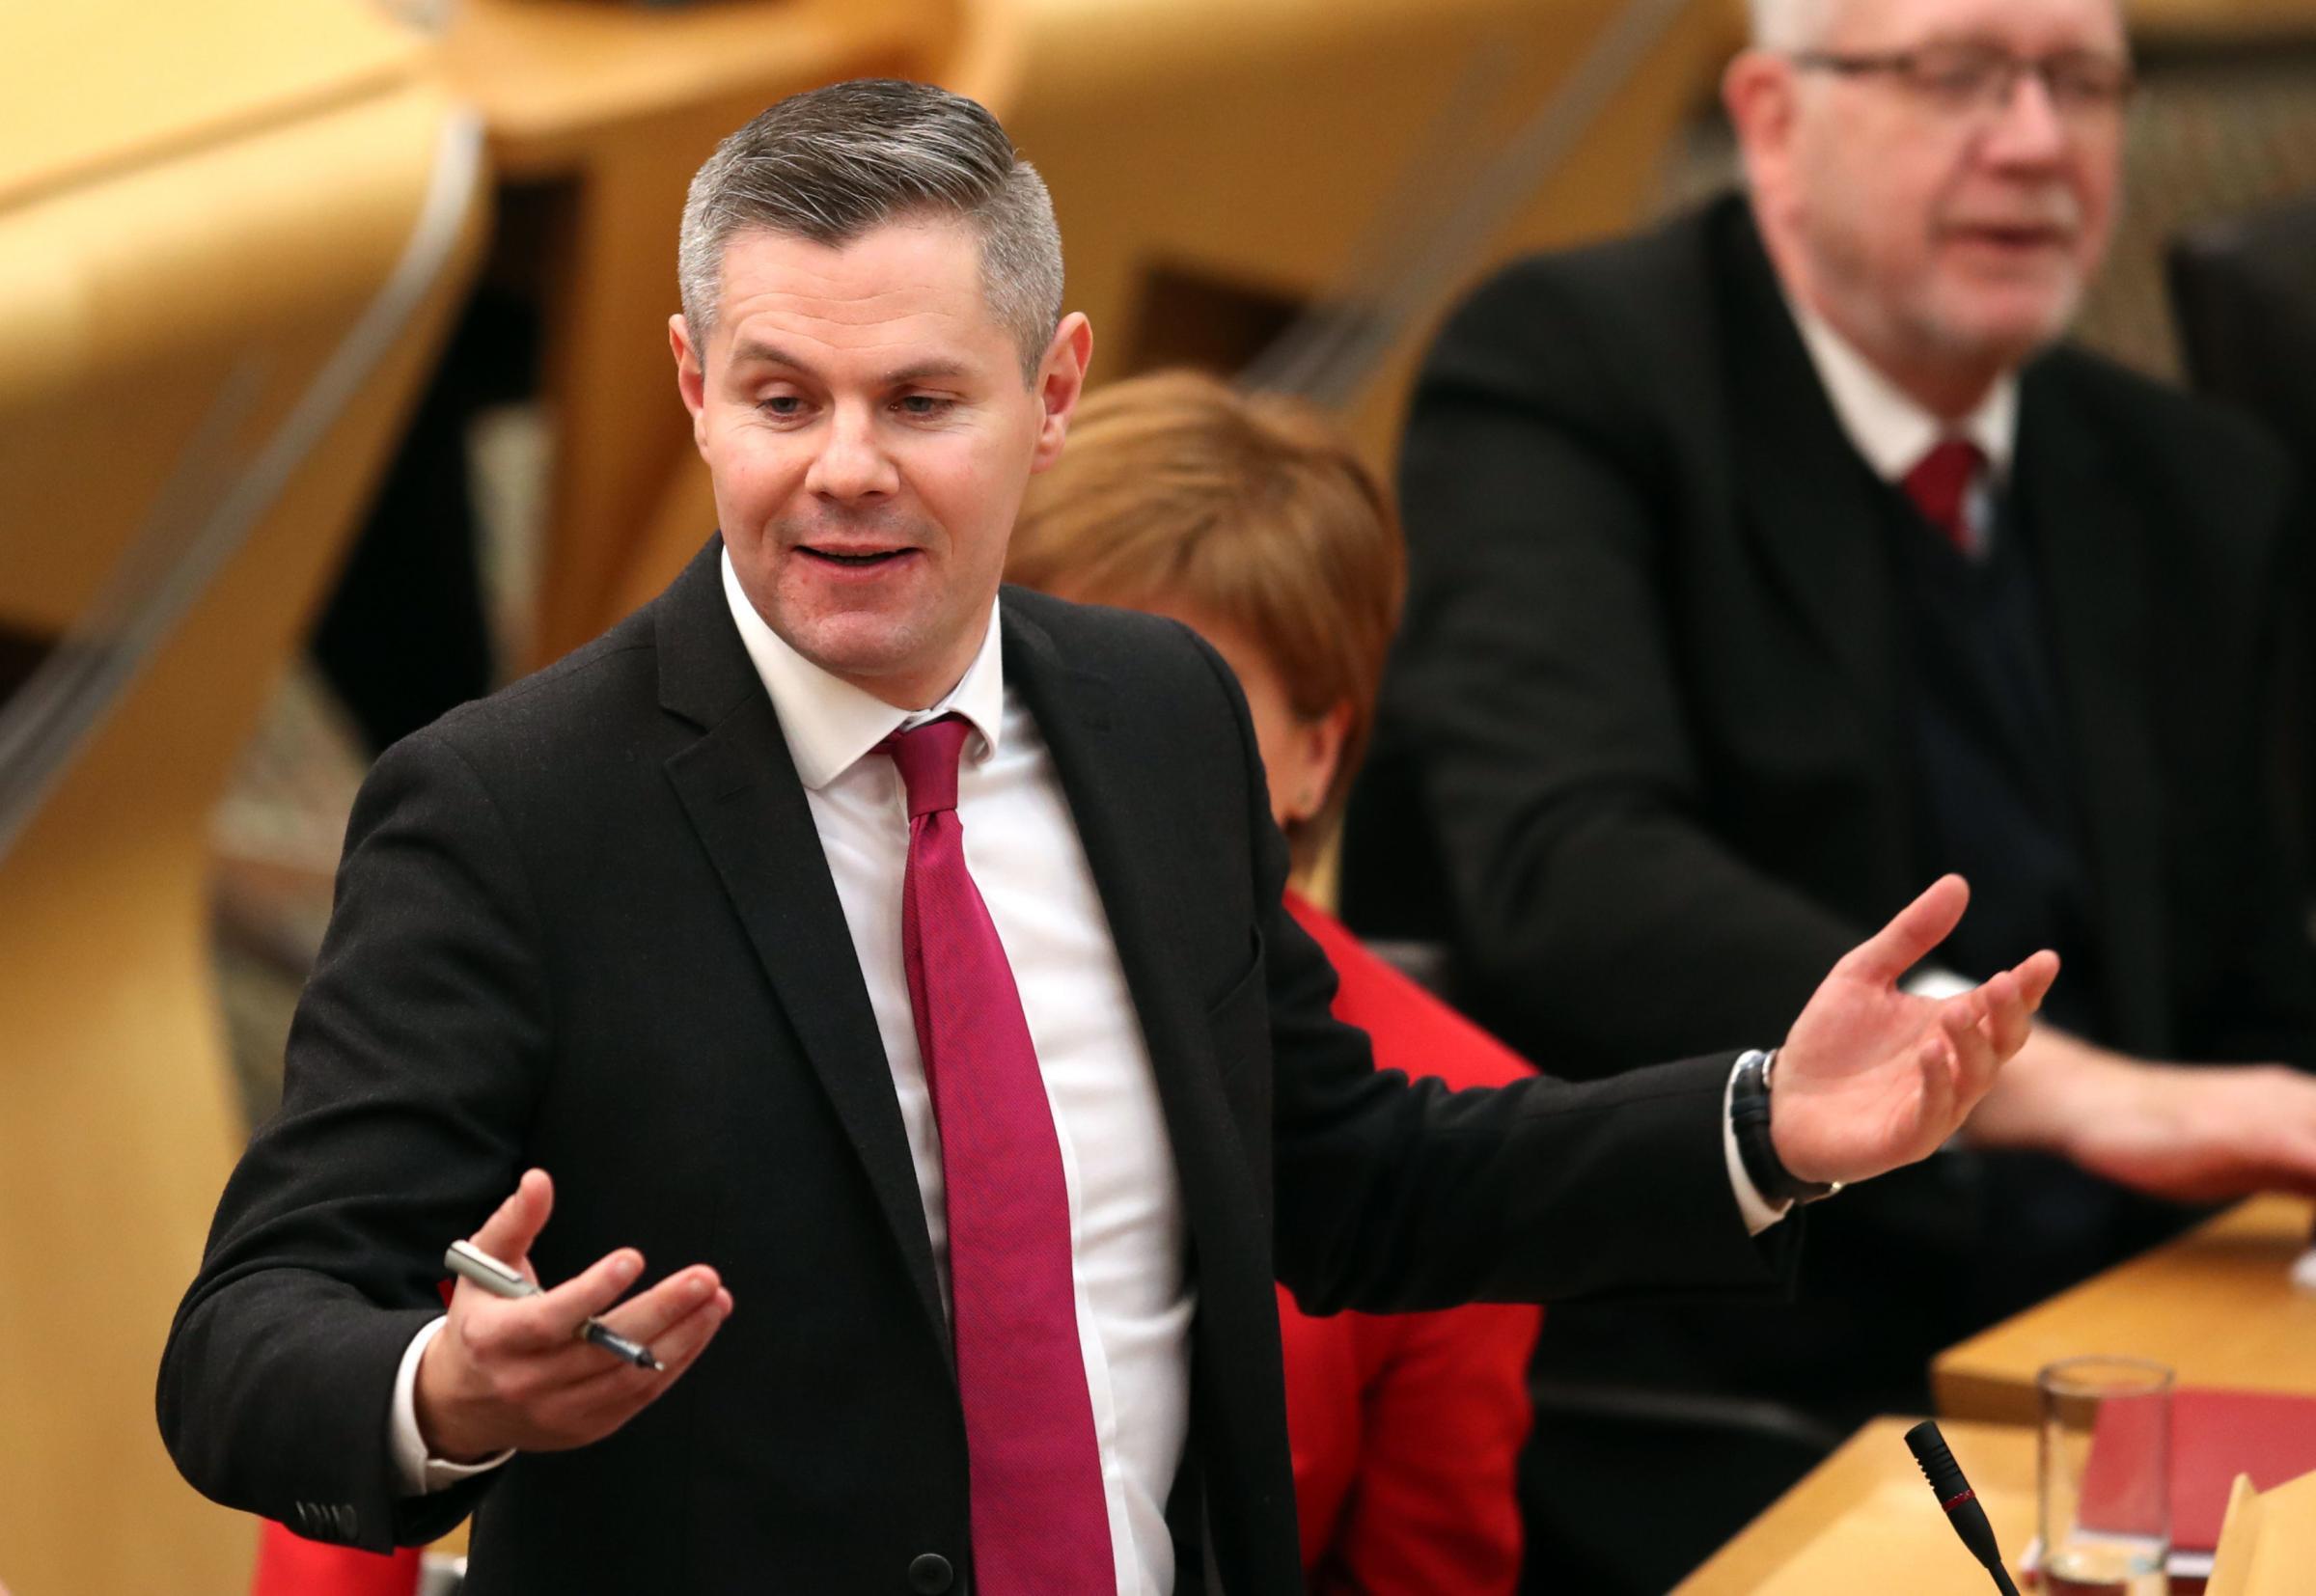 Derek Mackay put through £1,000 public speaking 'refresher' course